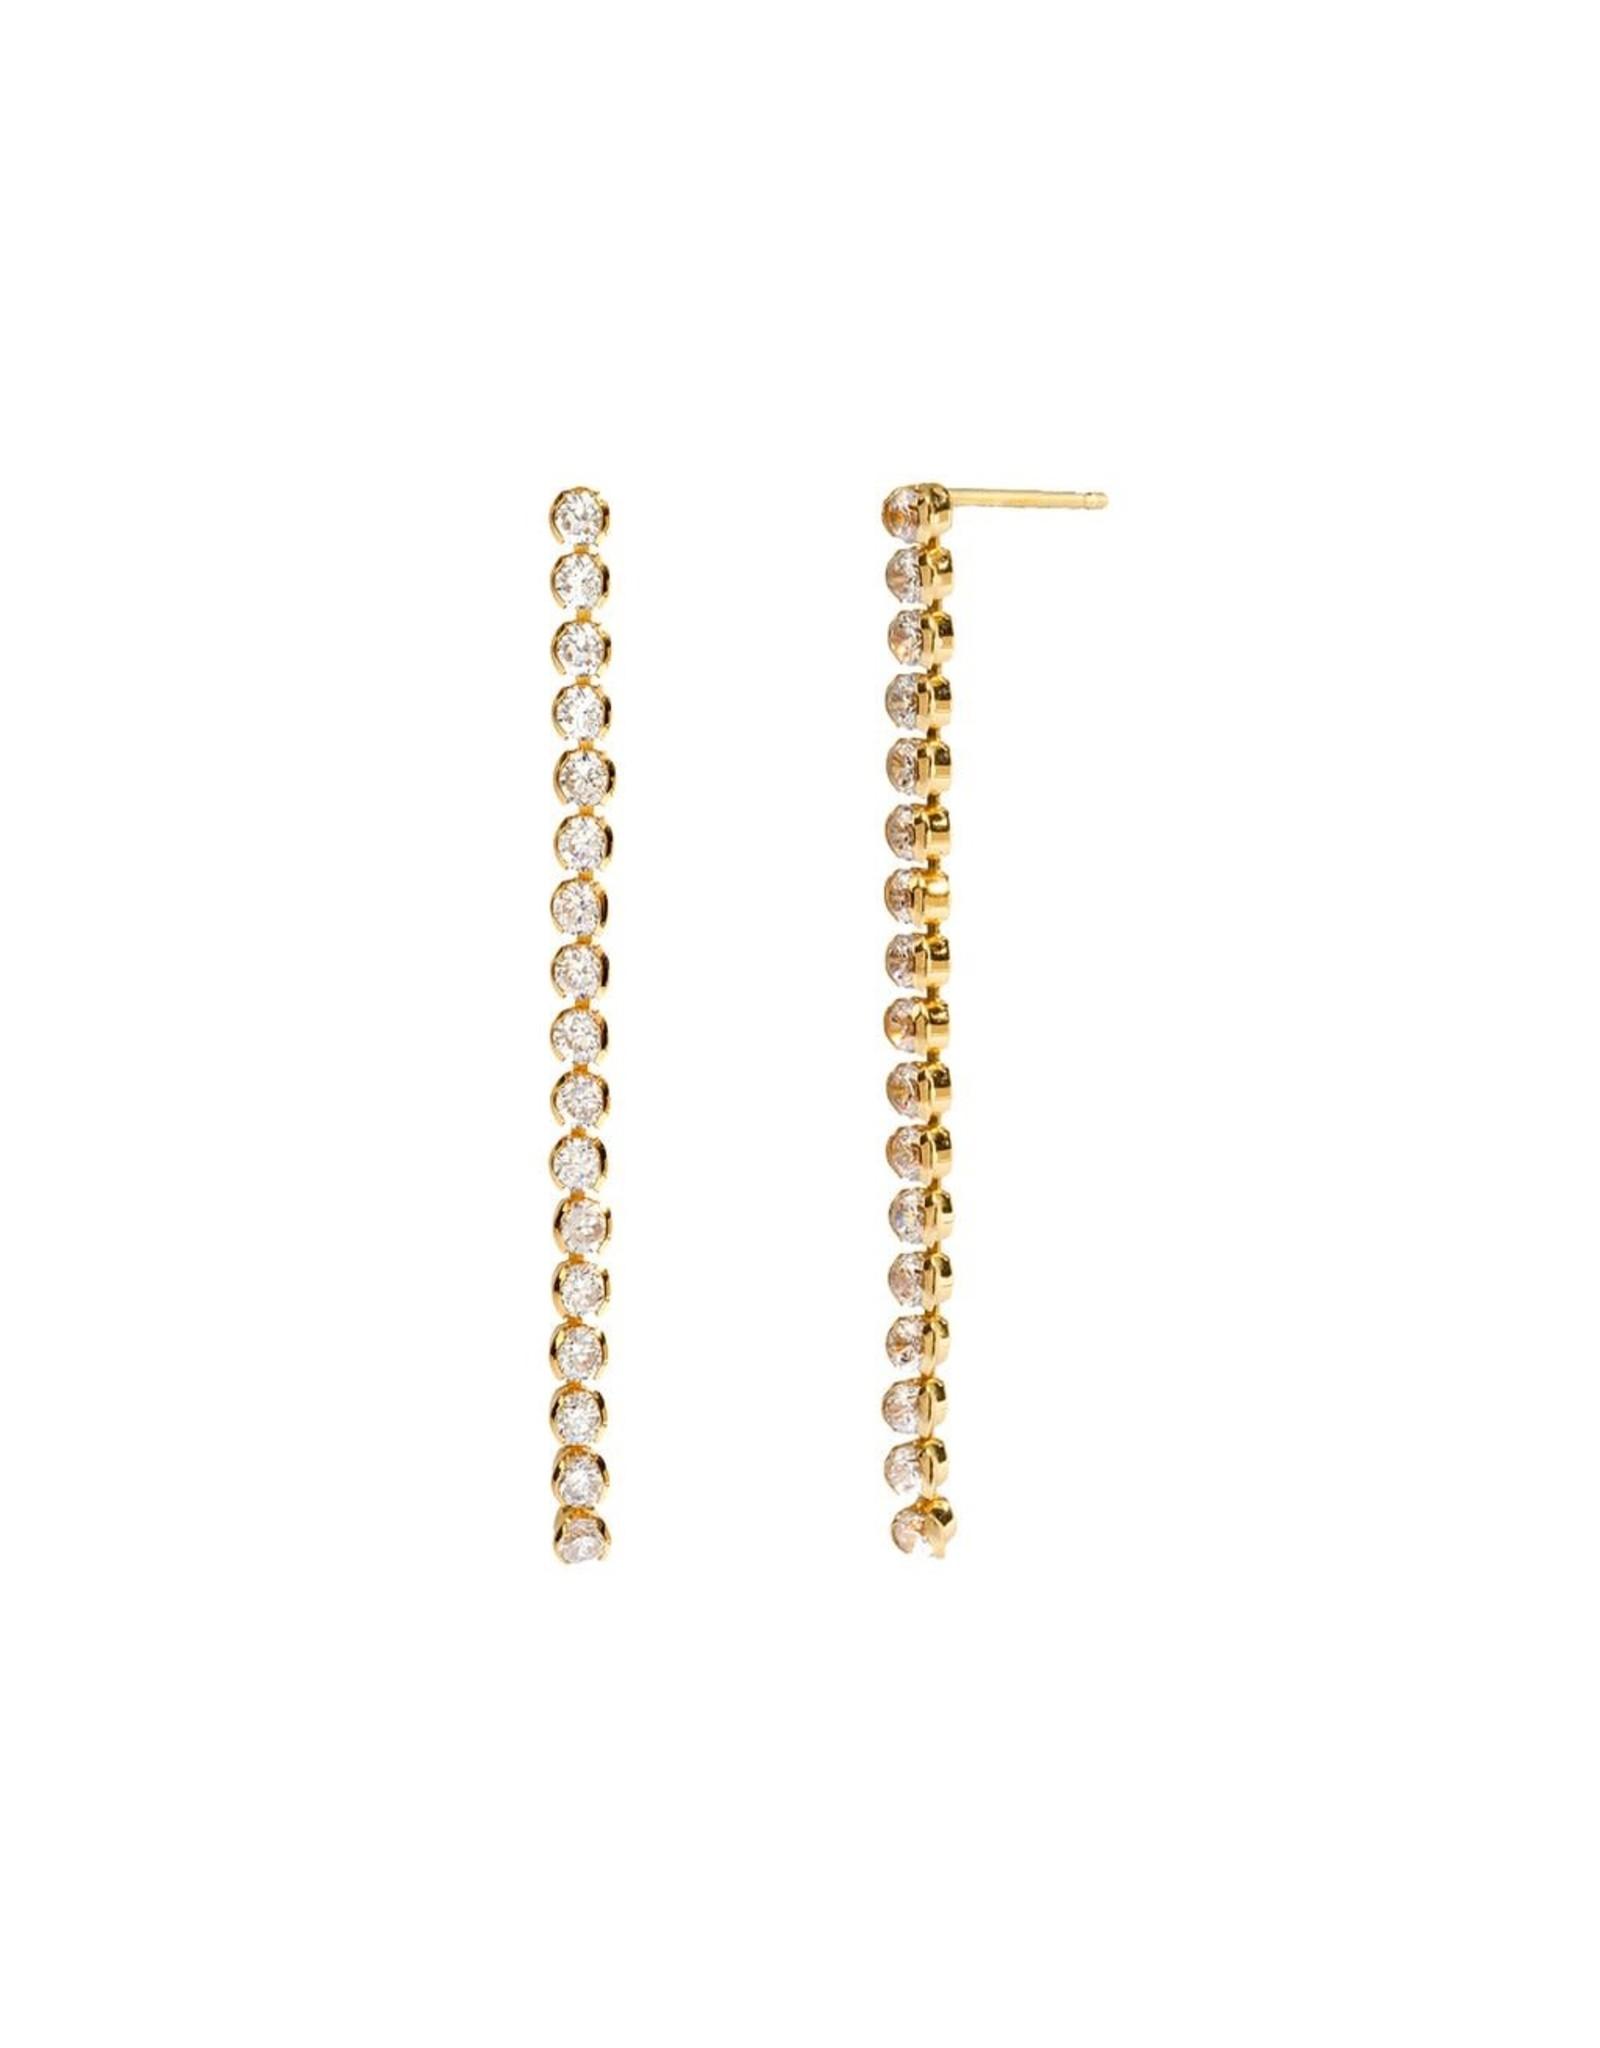 Aleyolé Earring Kira-Kira gold